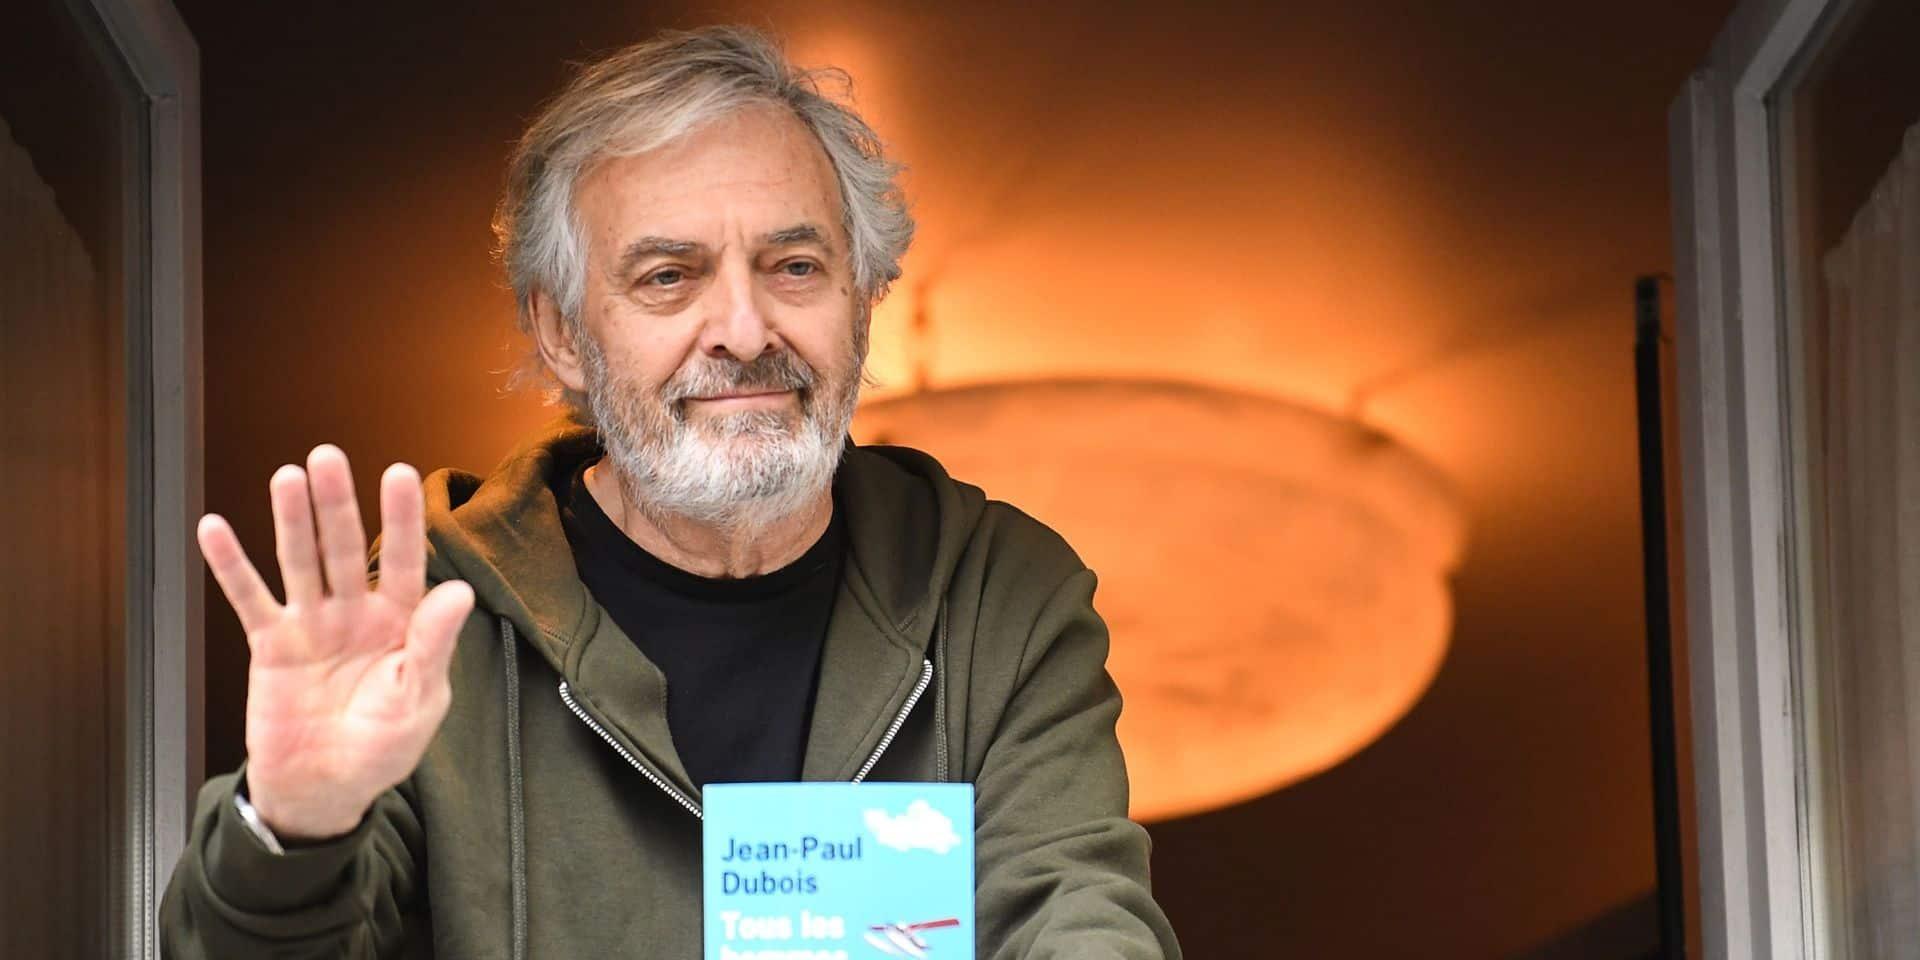 Notre critique du roman de Jean-Paul Dubois, lauréat du prix Goncourt